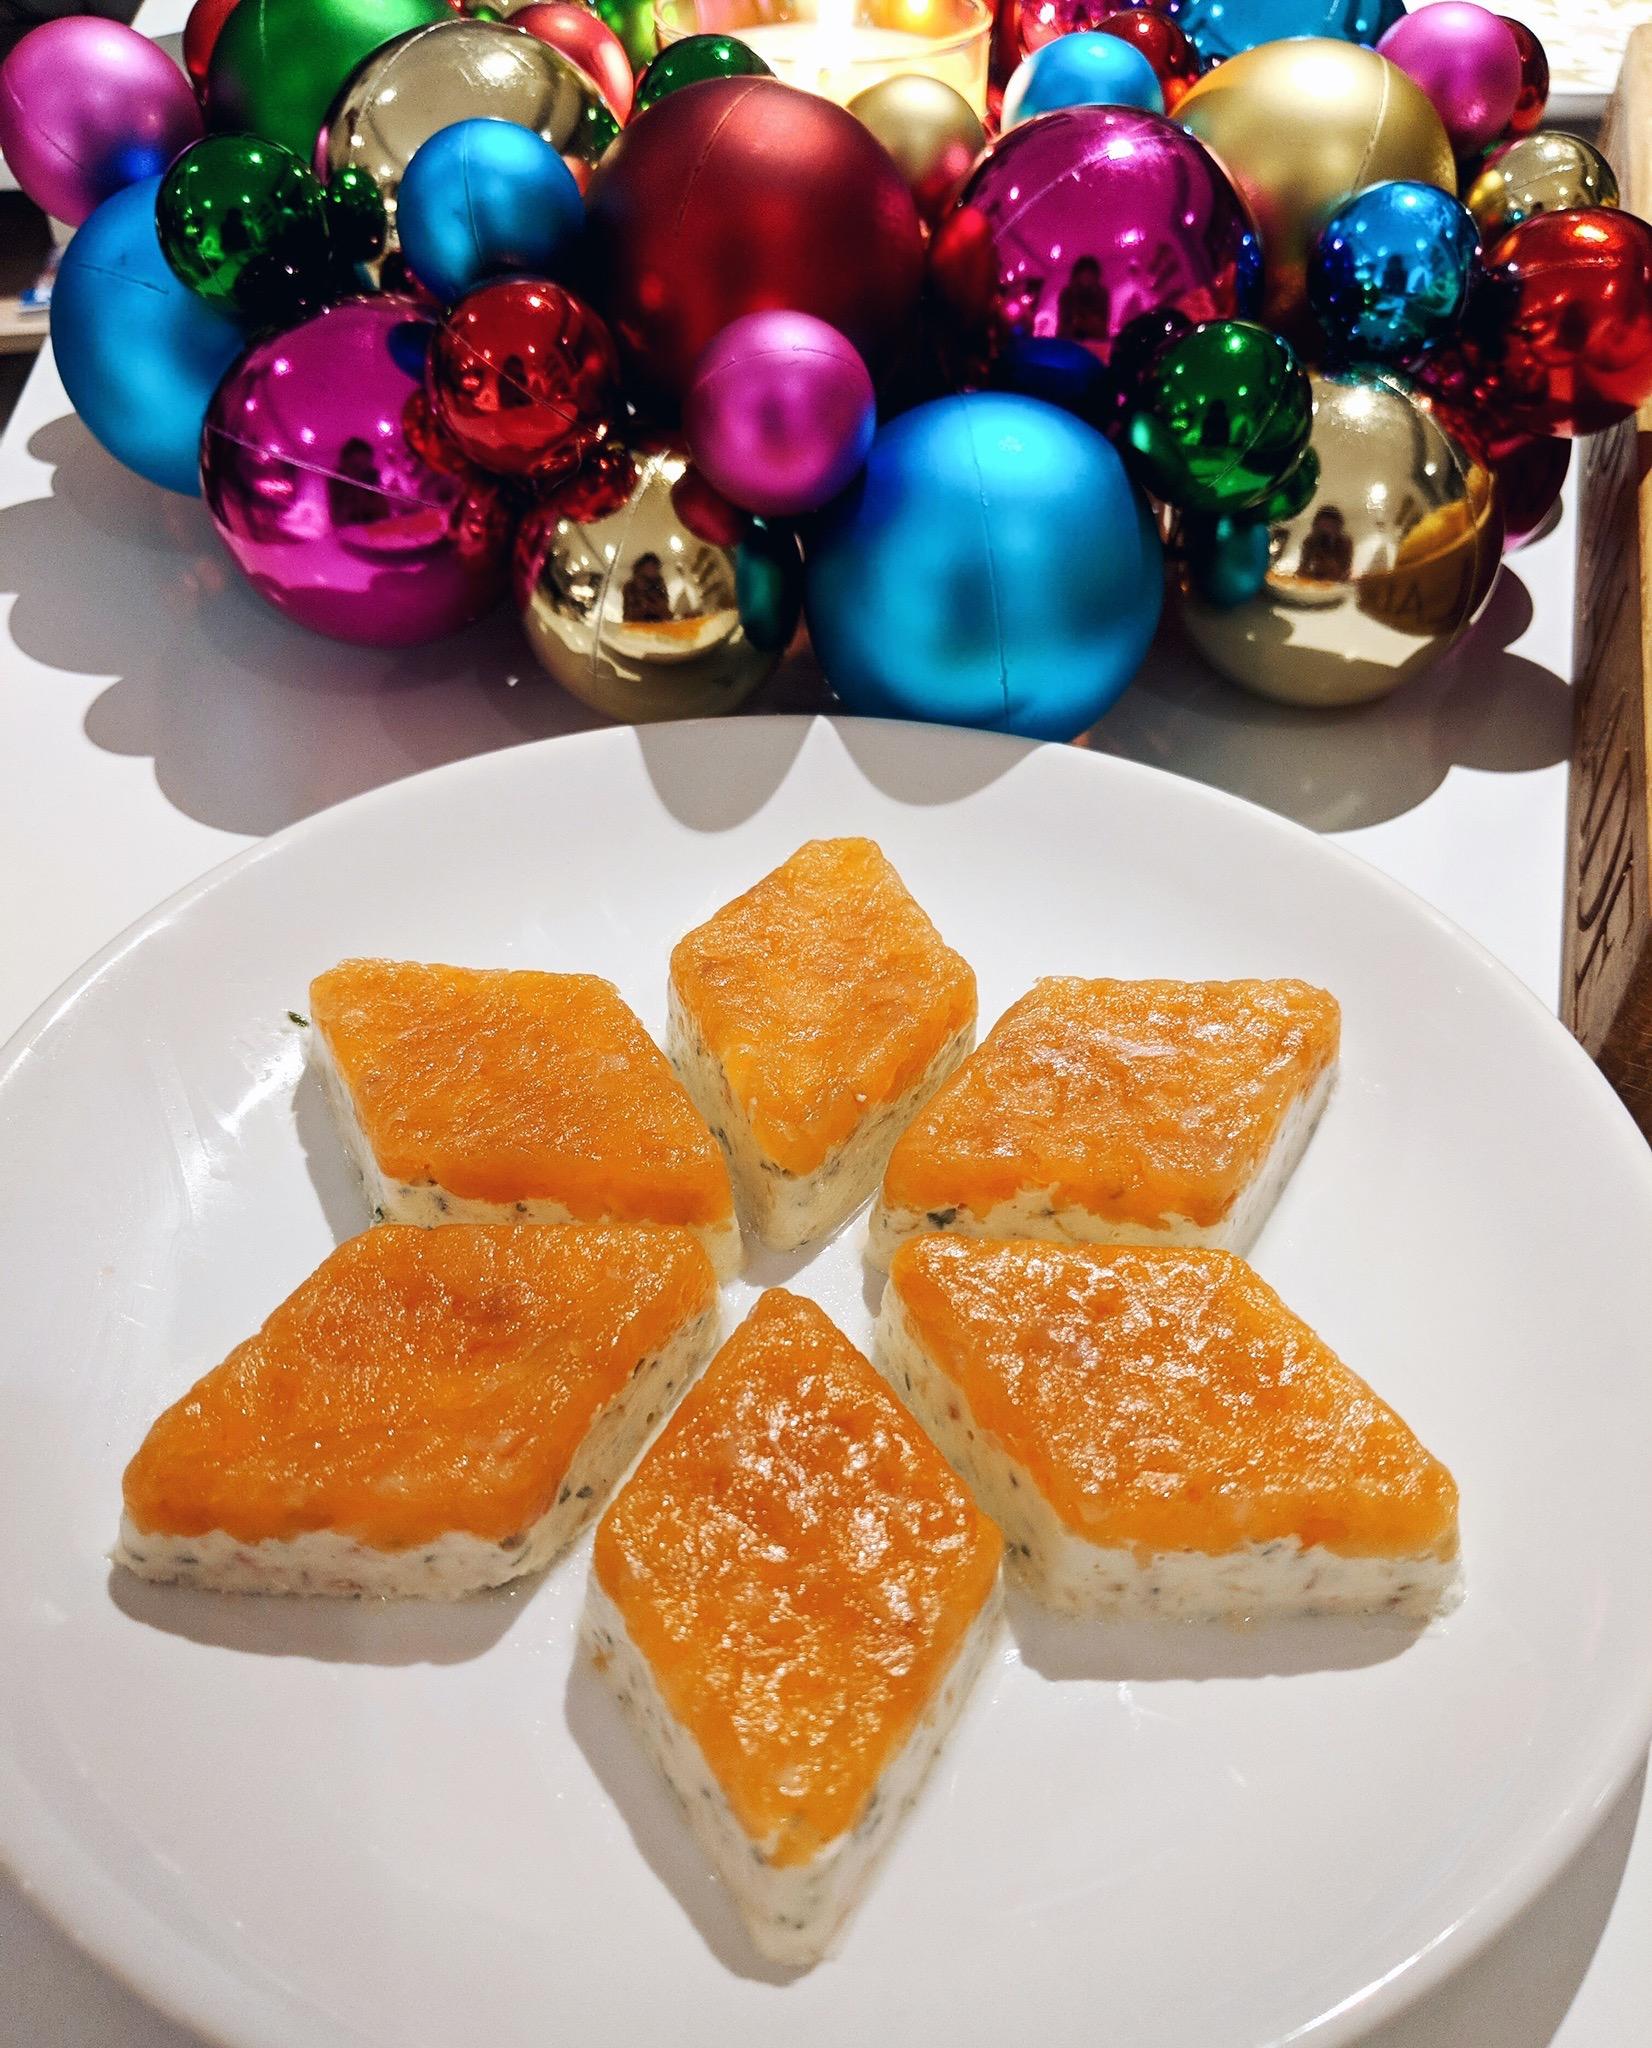 iceland luxury food christmas cocoa chelsea smoked salmon terrine